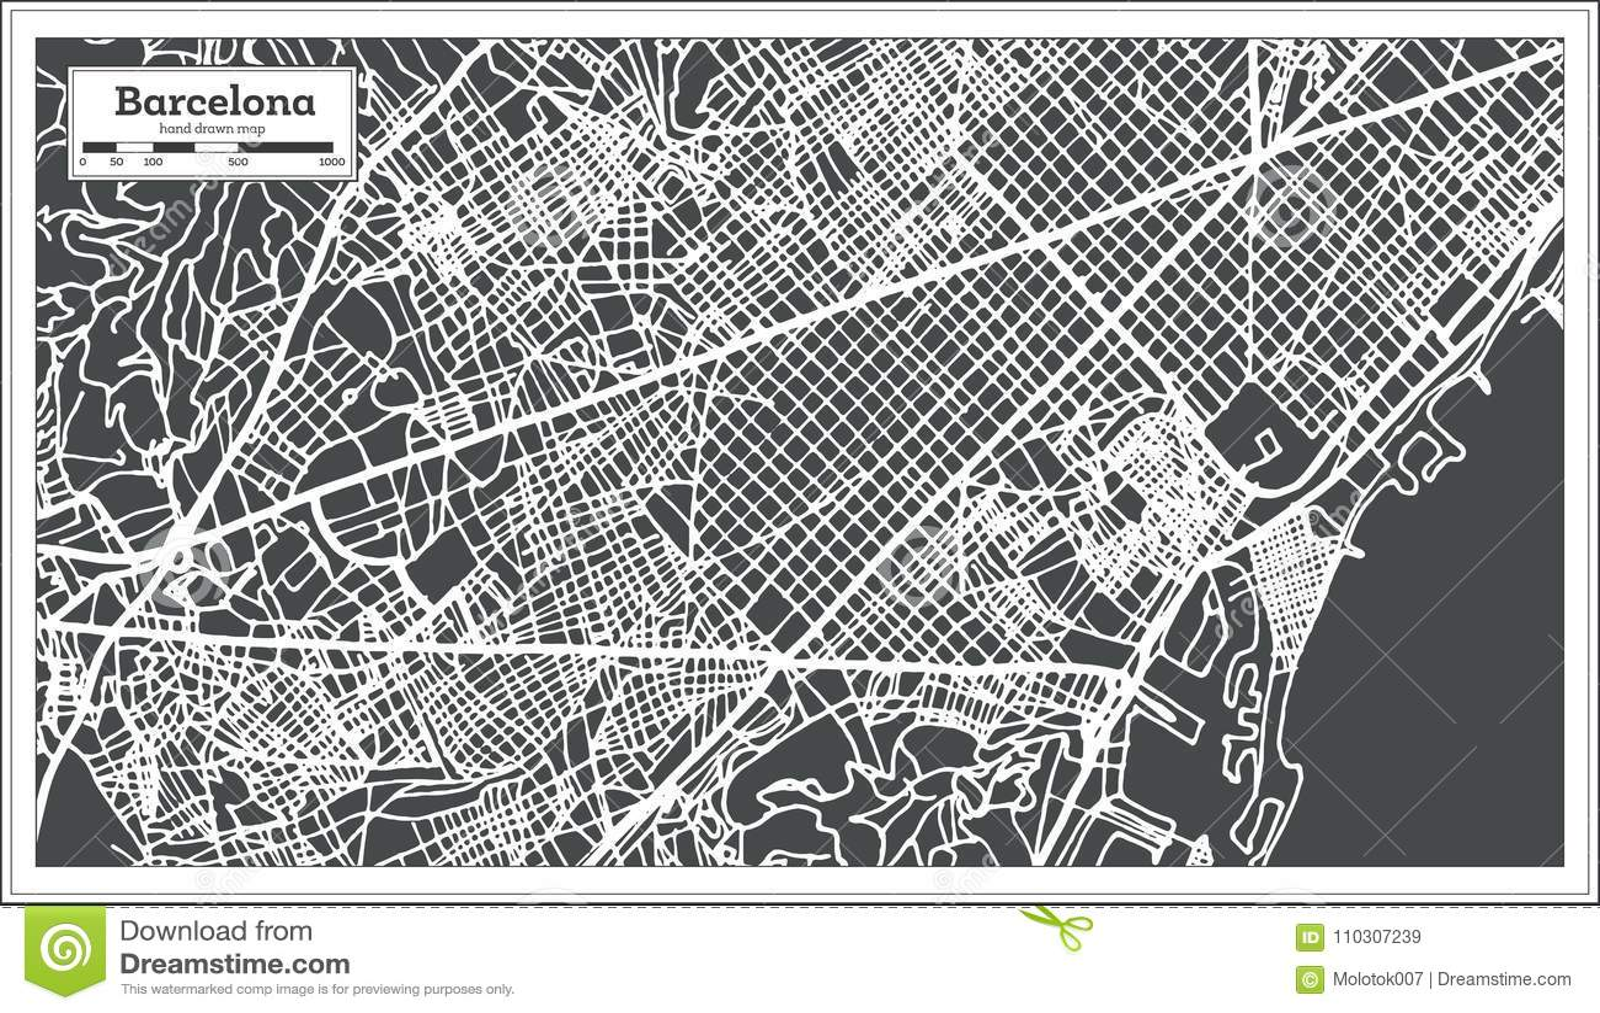 Cartina Barcellona Dettagliata.Mappa Della Citta Di Barcellona Spagna Nel Retro Stile Illustrazione In Bianco E Nero Di Vettore Illustrazione Vettoriale Illustrazione Di Arte Dissipato 110307239